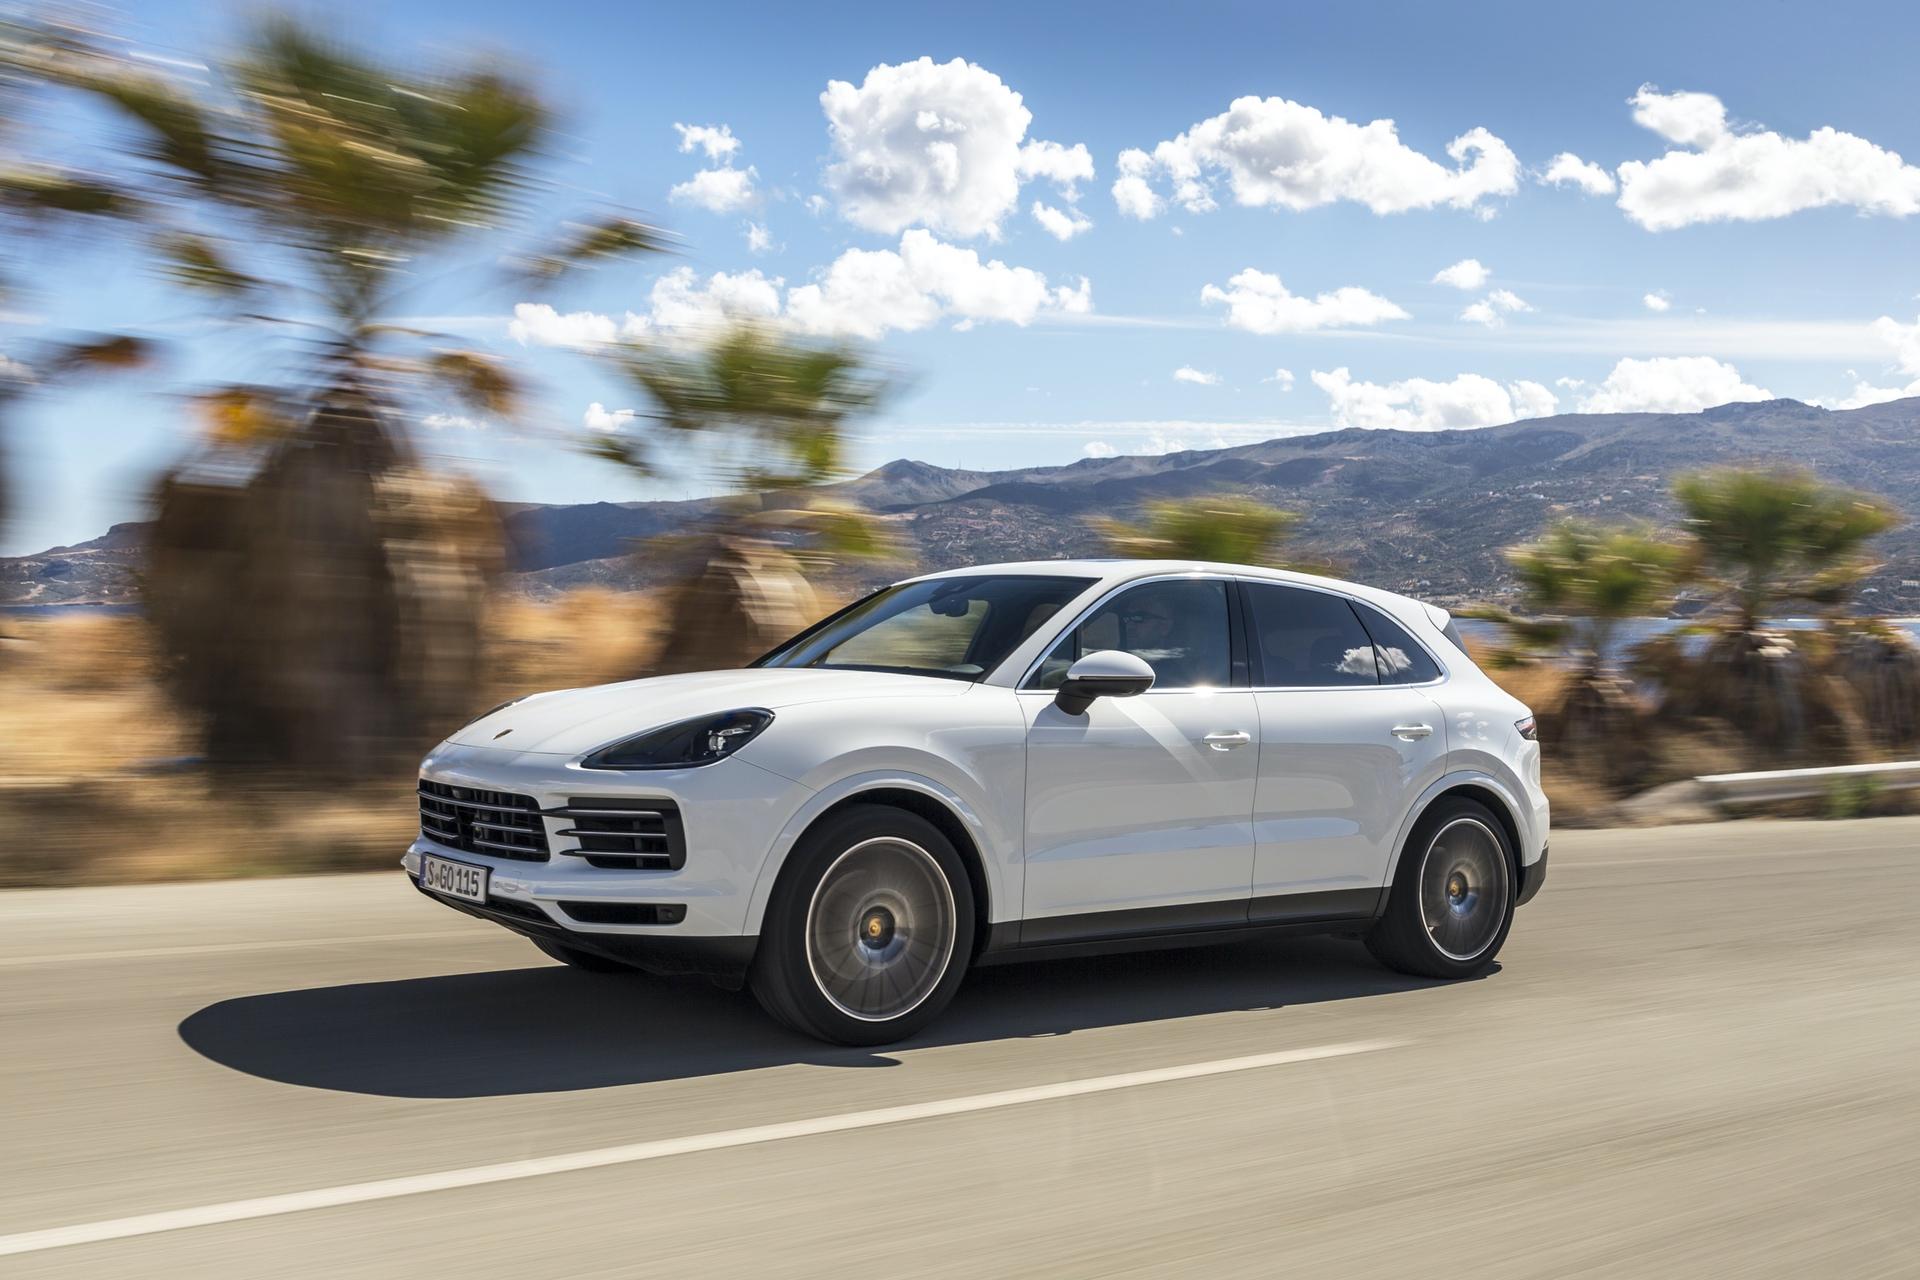 Test_Drive_Porsche_Cayenne_334